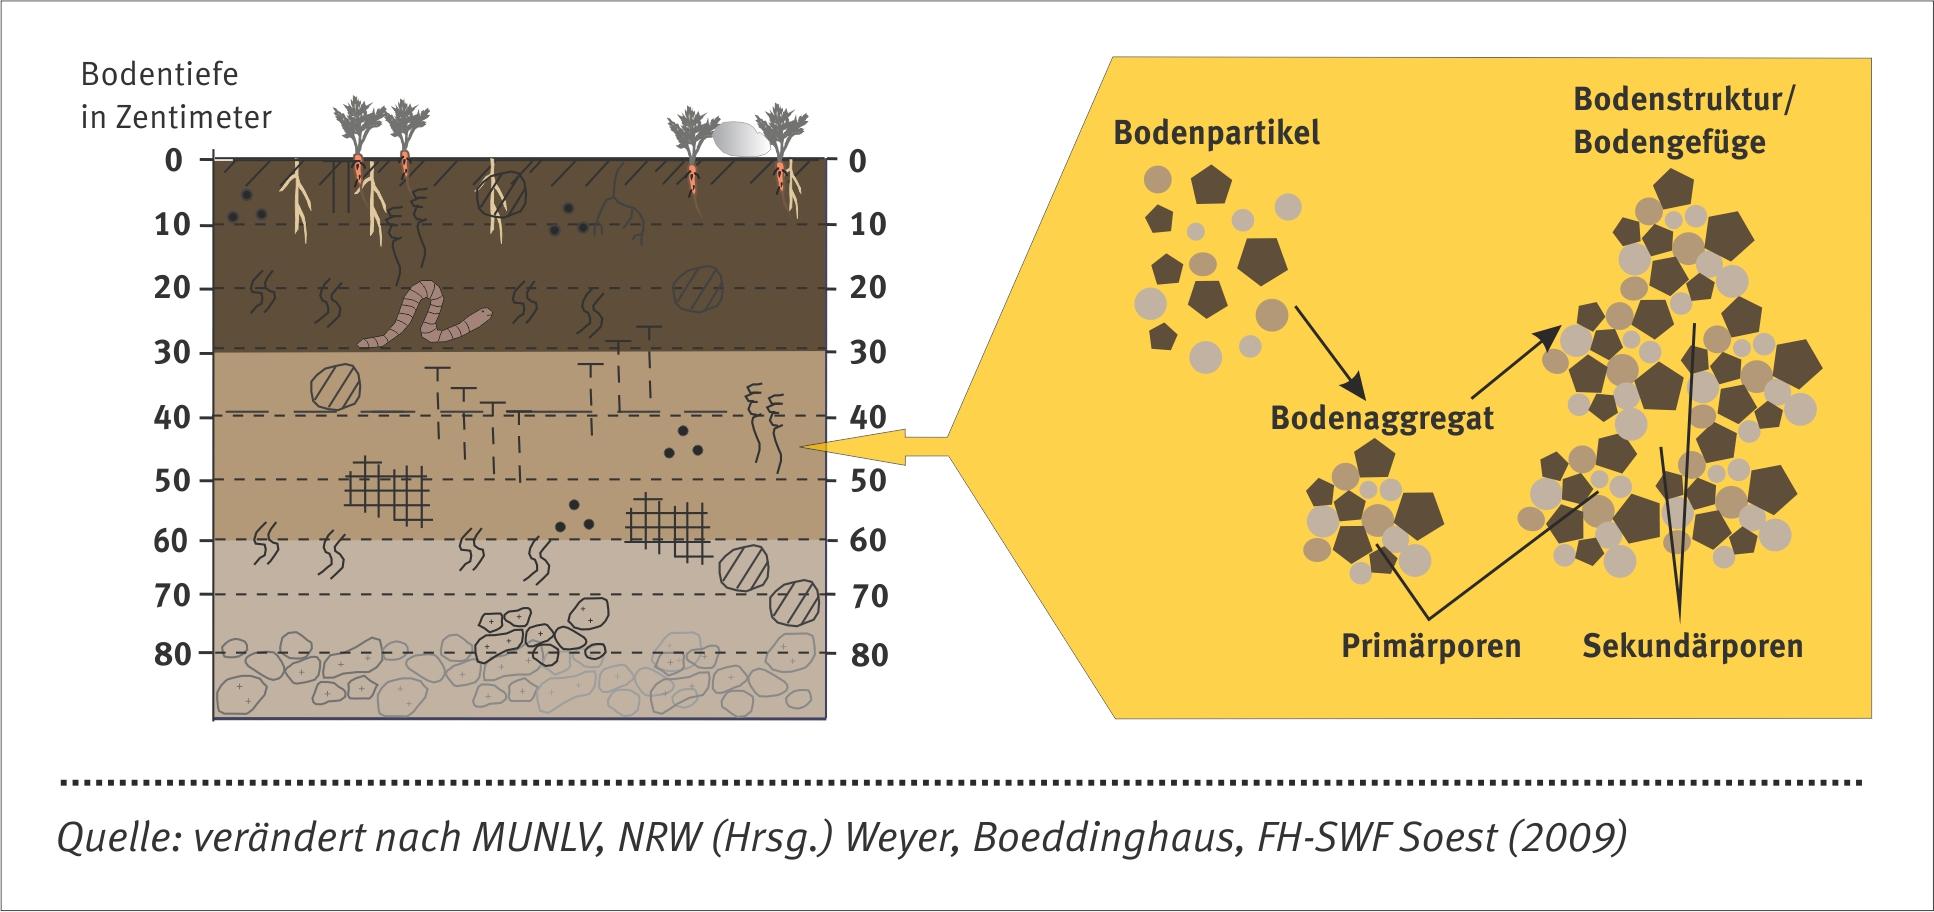 Schaubild zum strukturellen Bodenzuzstand.